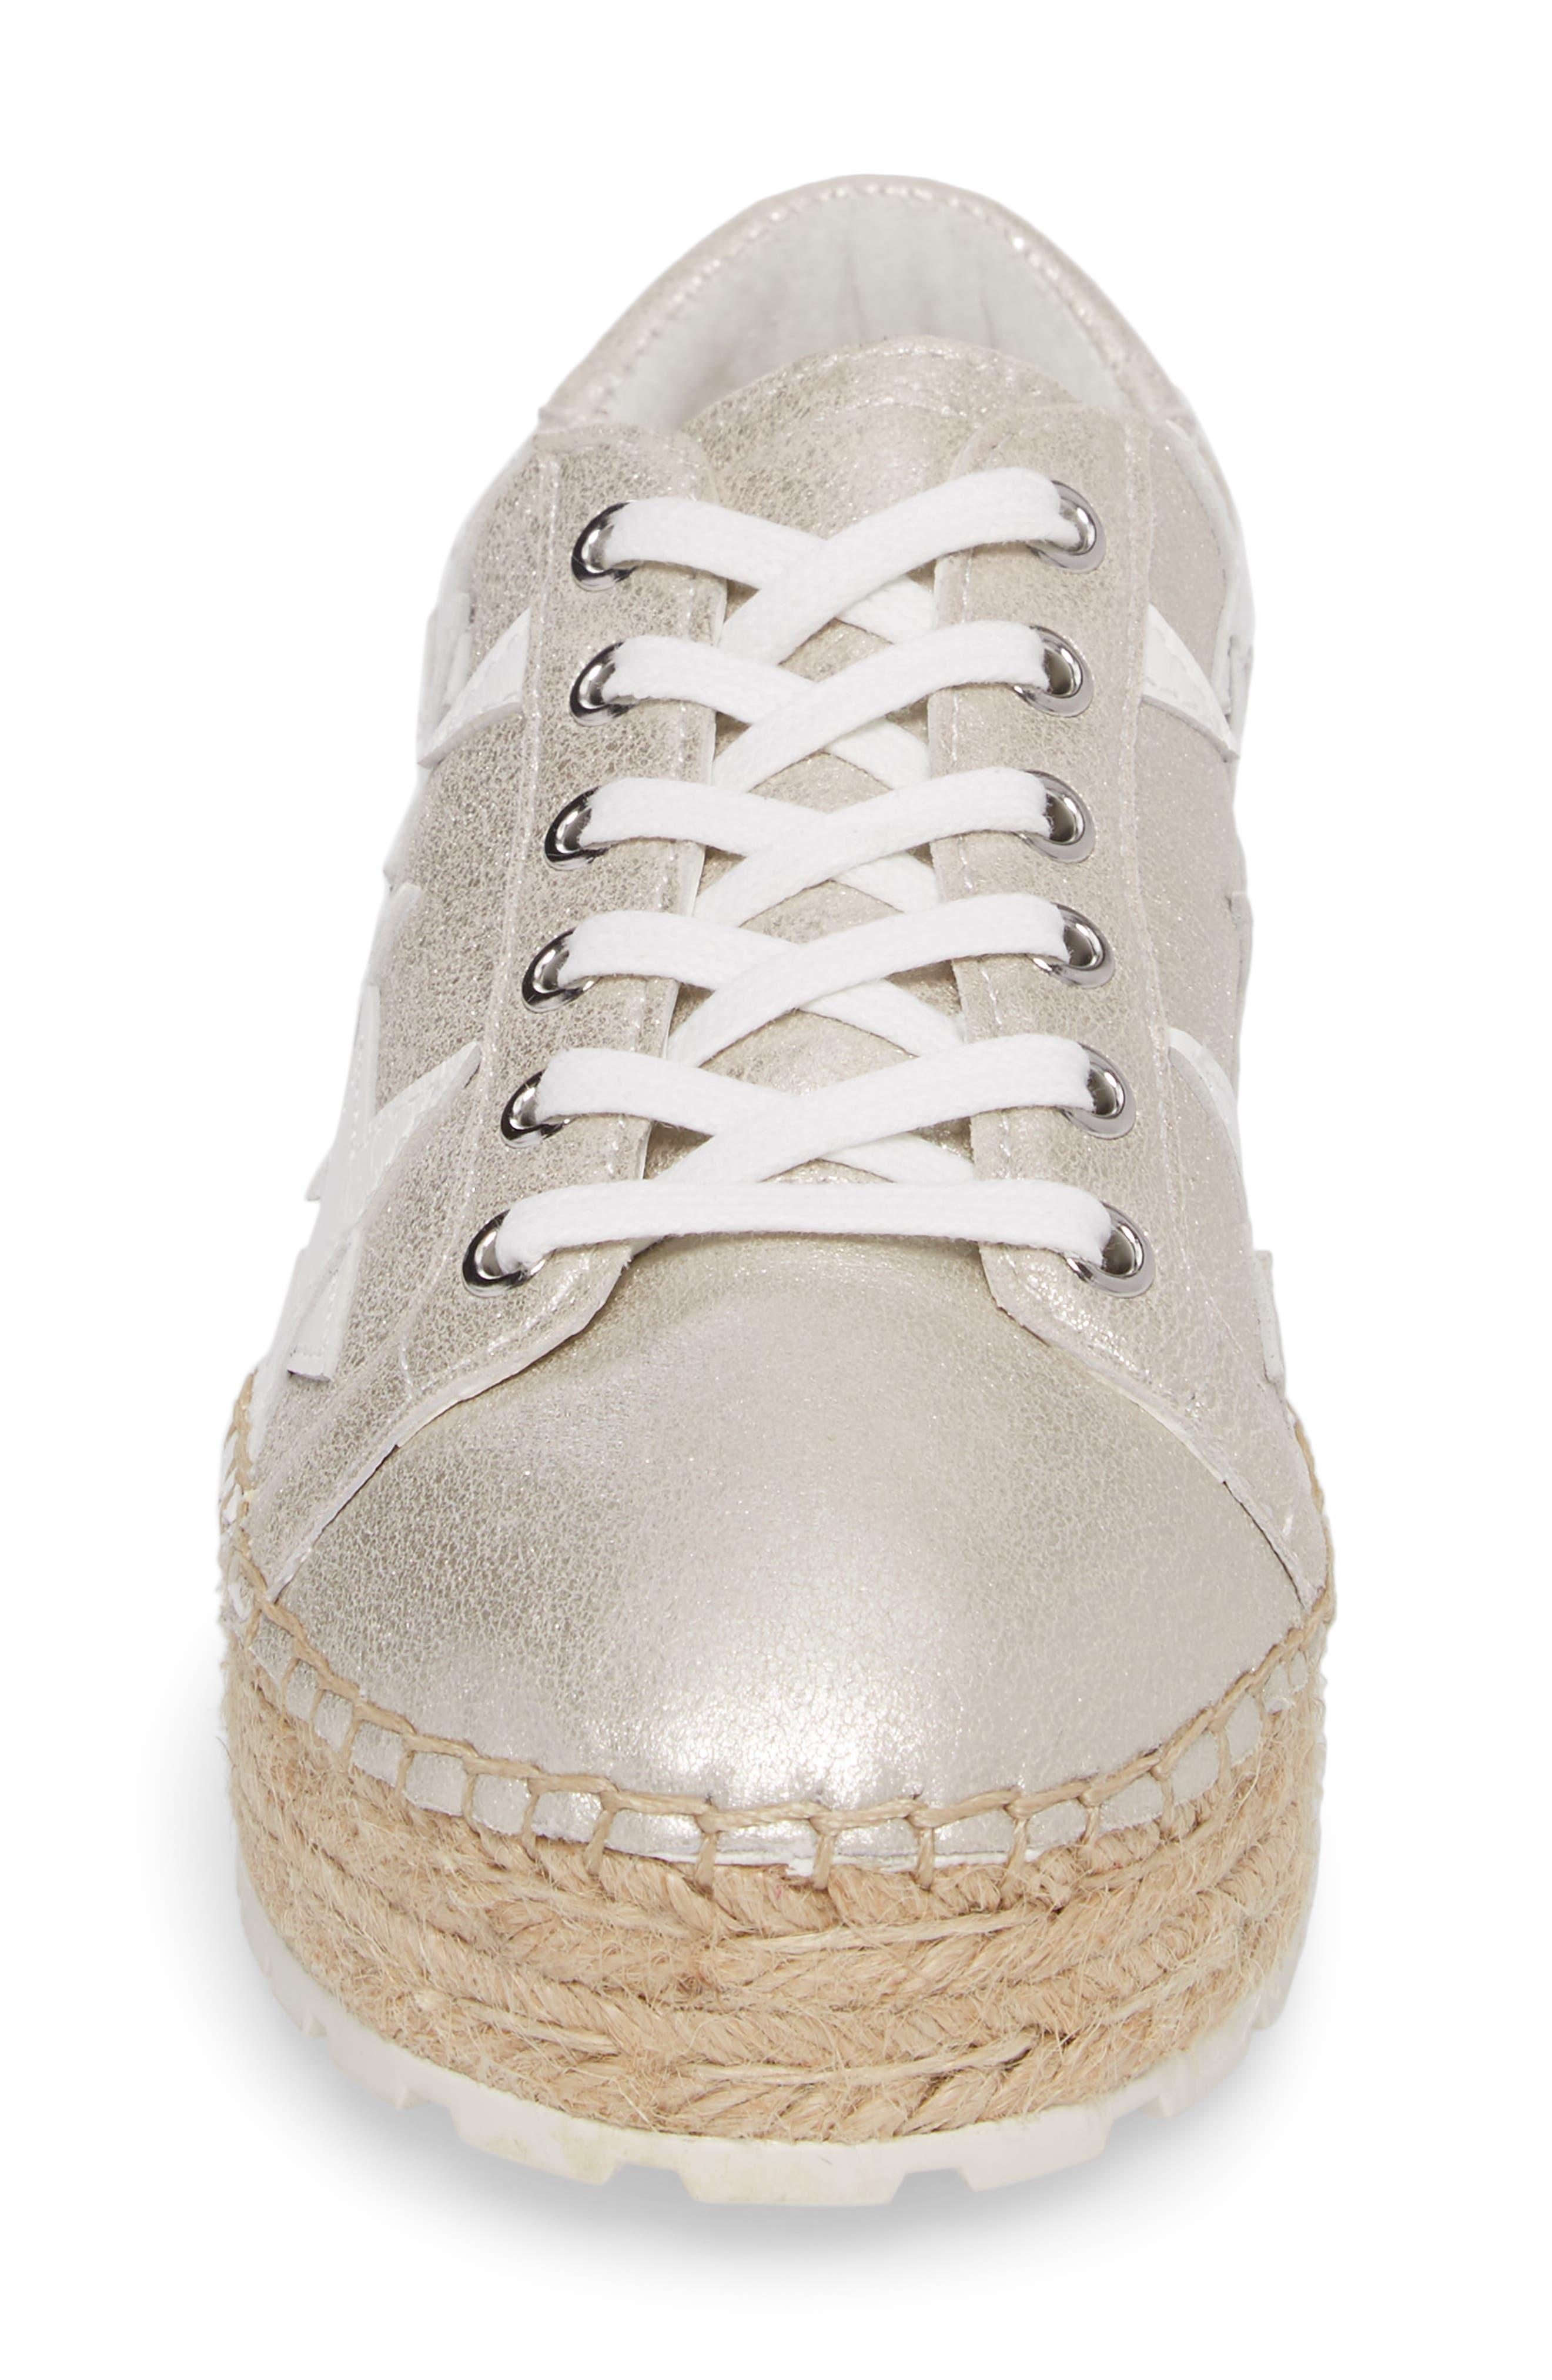 Maevel Espadrille Sneaker,                             Alternate thumbnail 12, color,